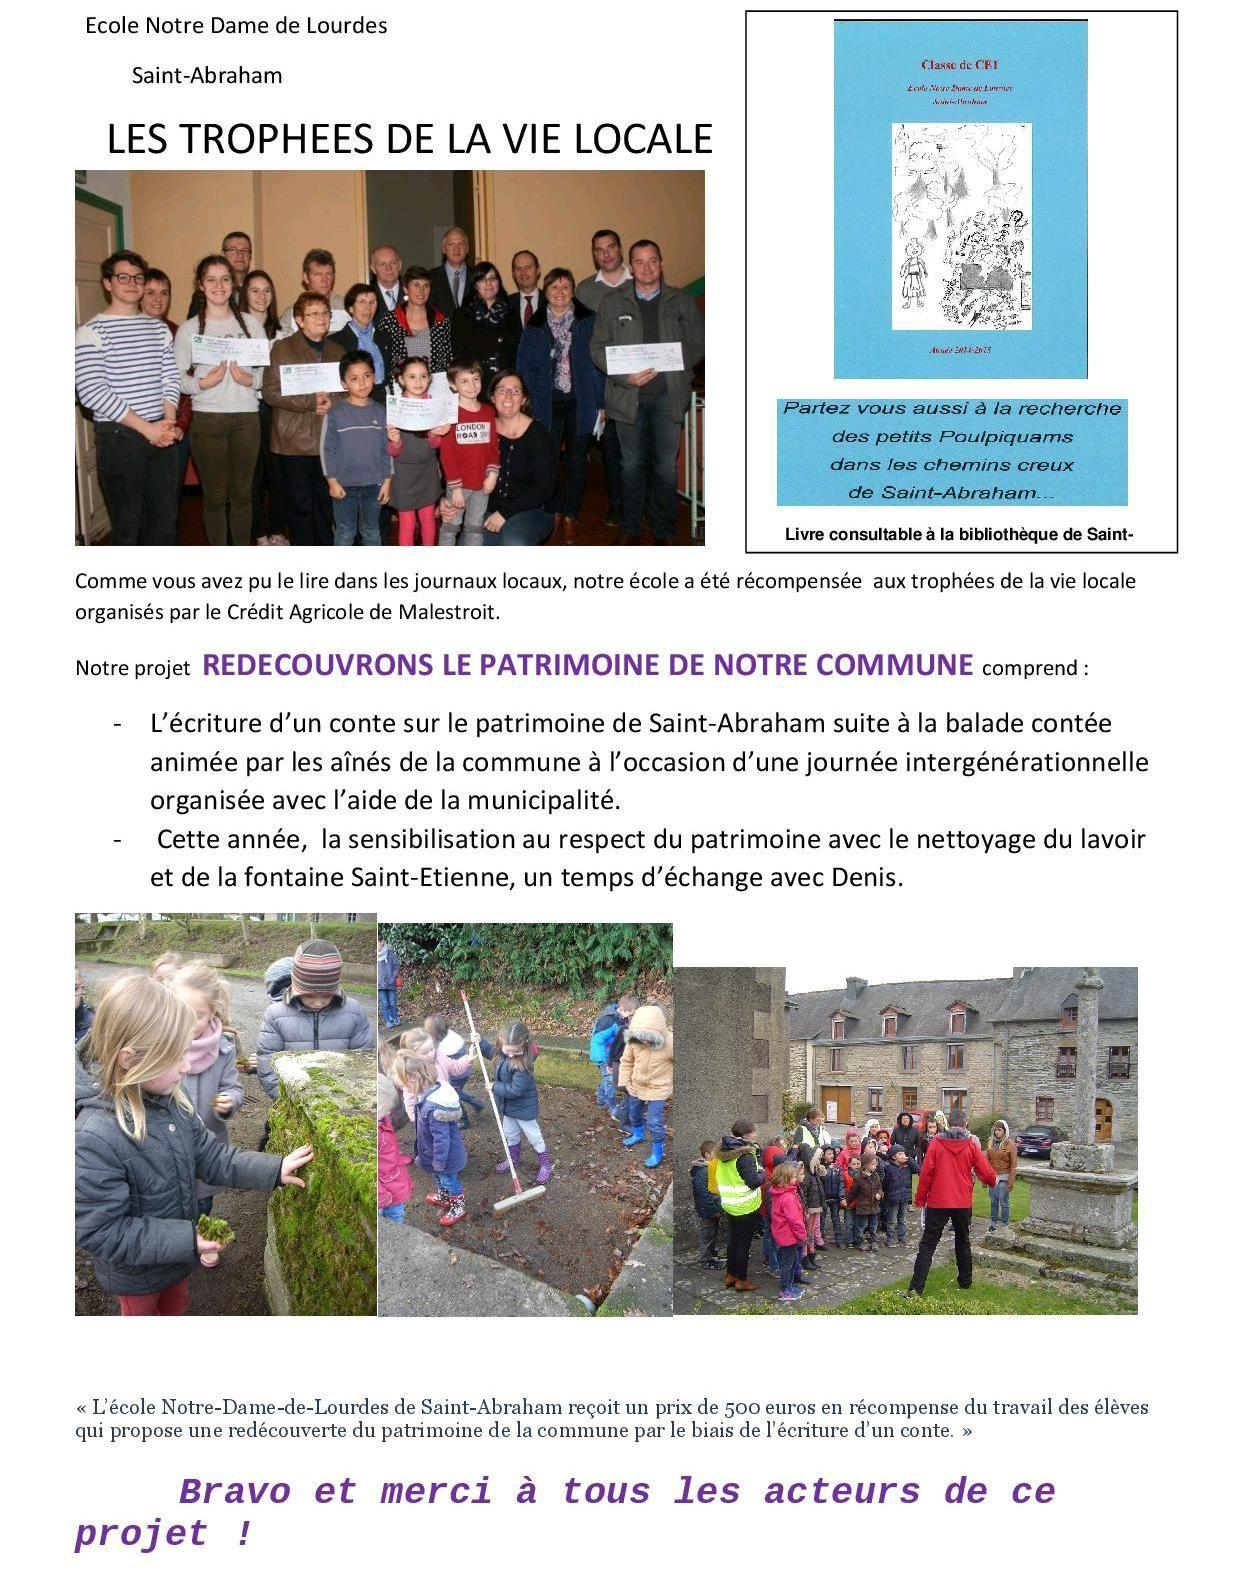 L'école de St Abraham récompensée aux Trophées de la vie locale!